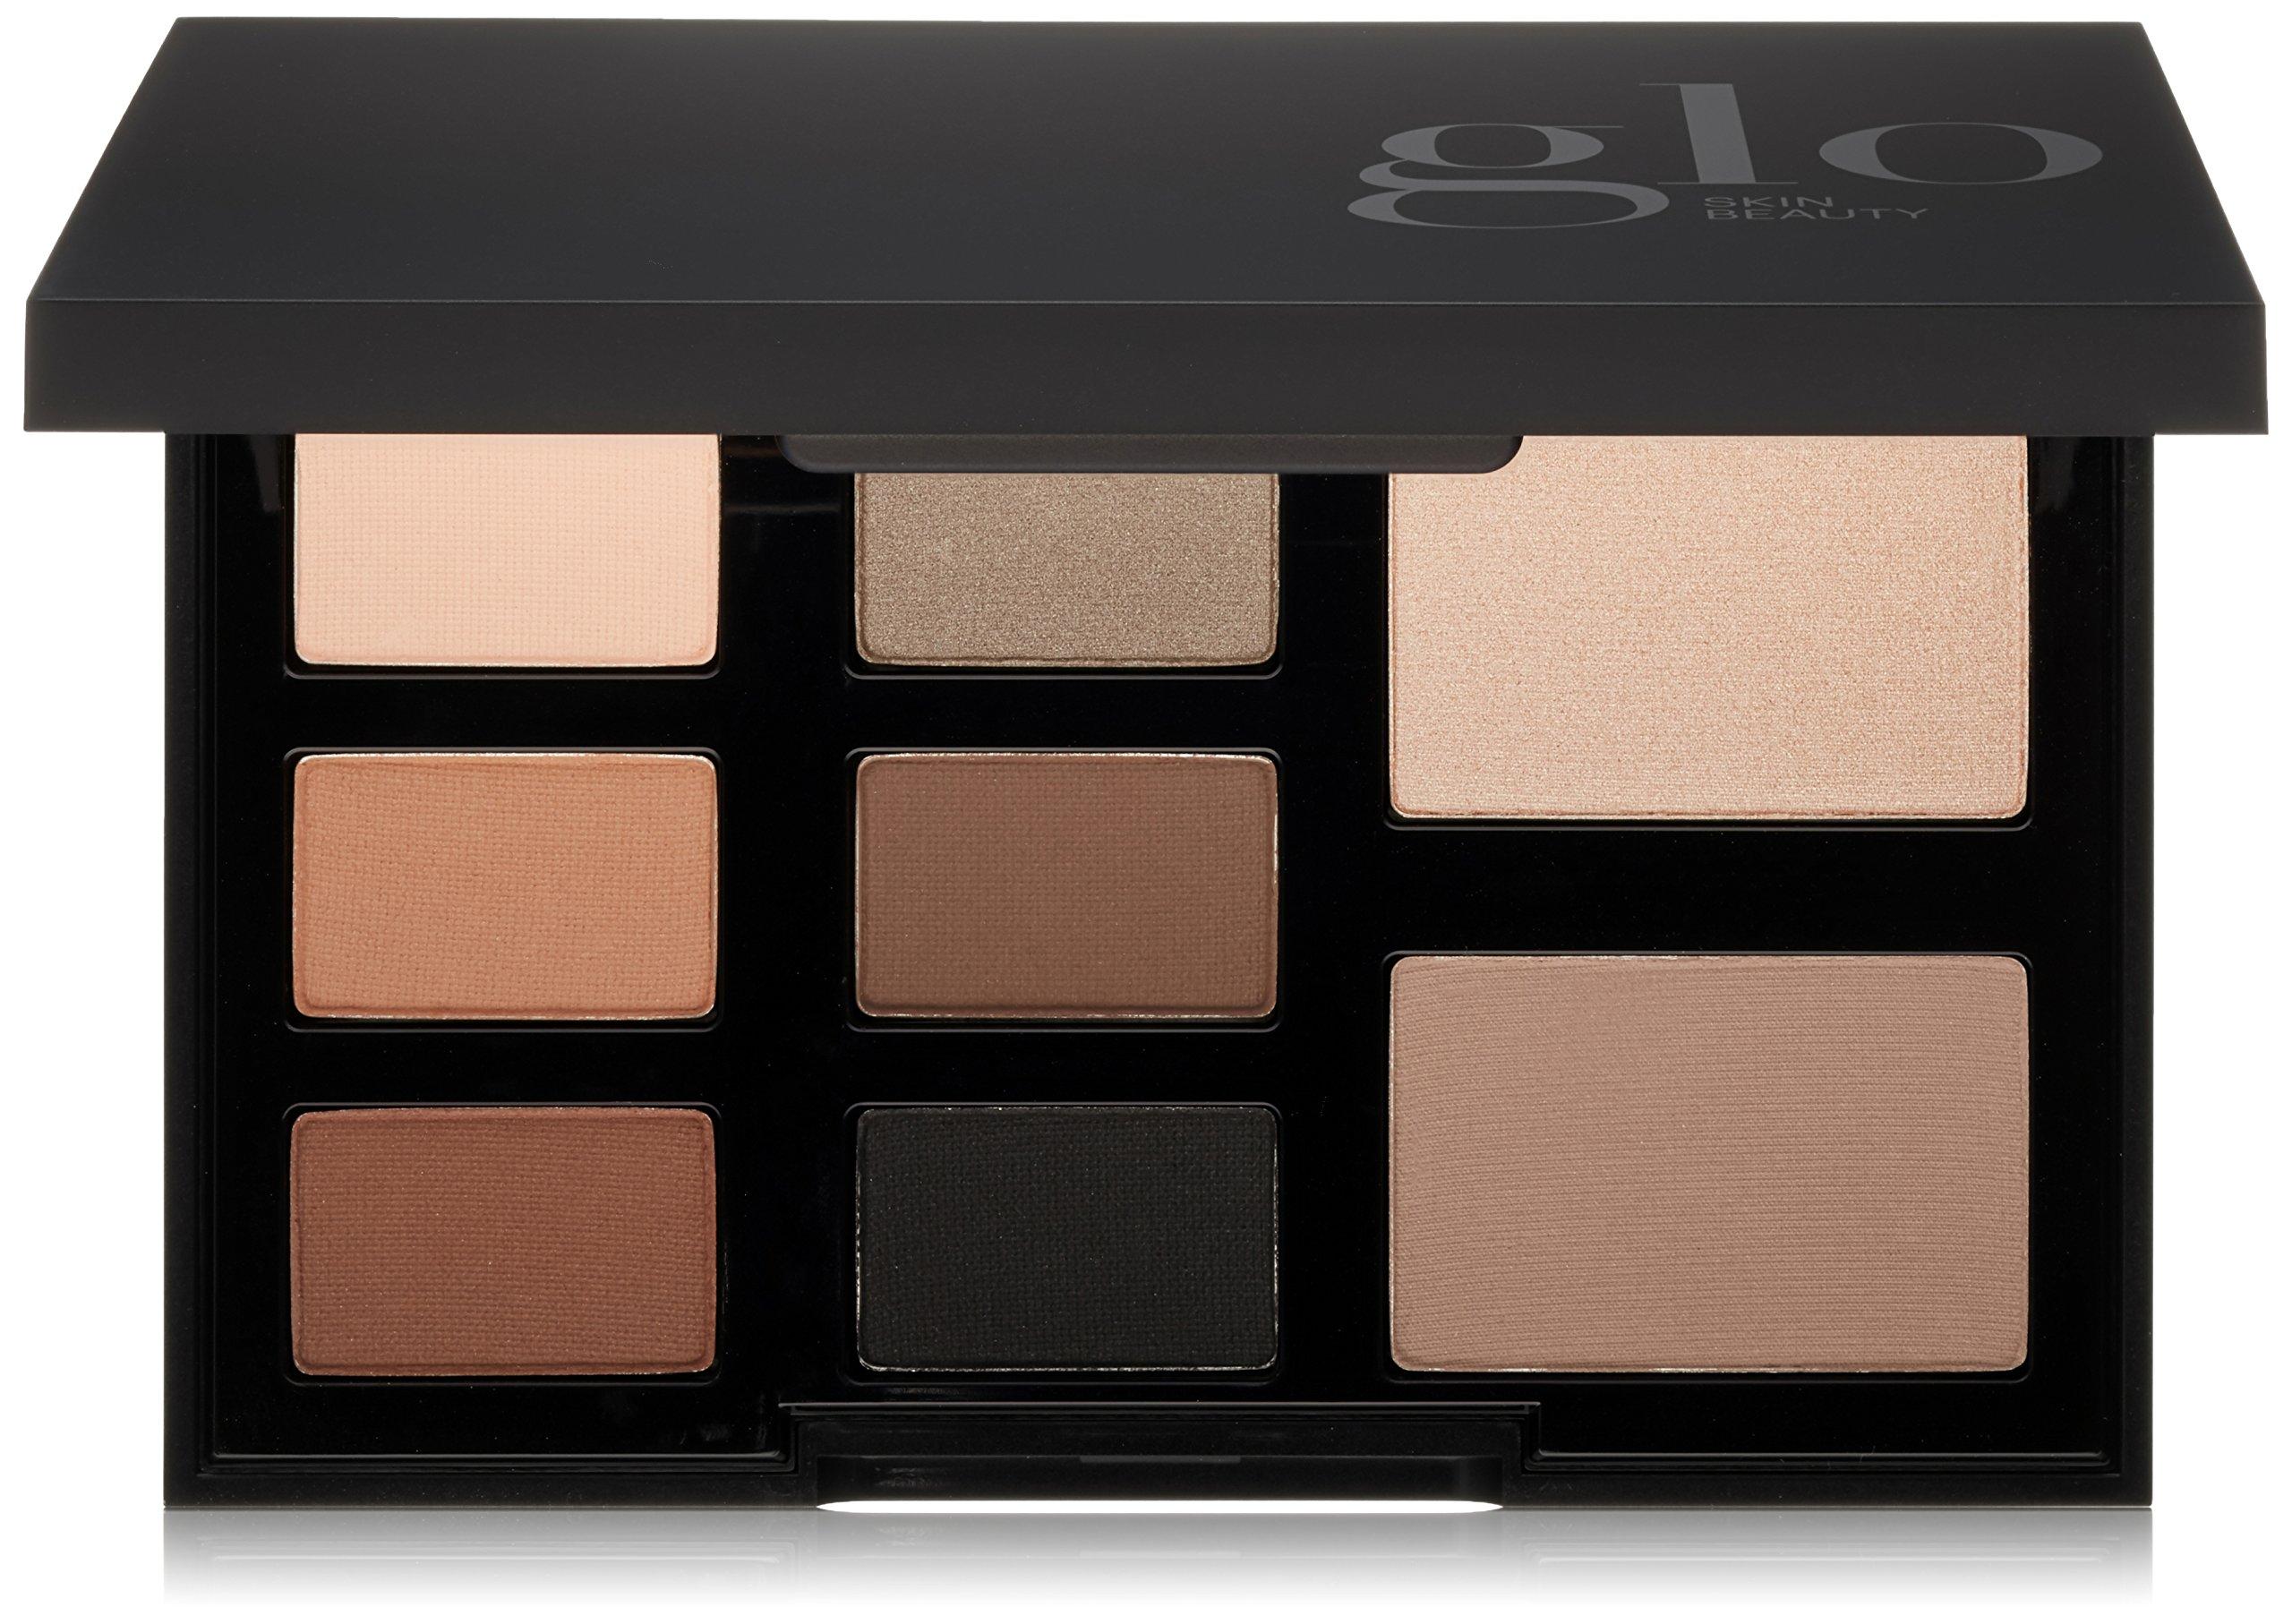 Glo Skin Beauty Eye Shadow Palette in Elemental Eye - Smokey Black | 8-Color in 4 Shade Options | Powder Eyeshadow Kit by Glo Skin Beauty